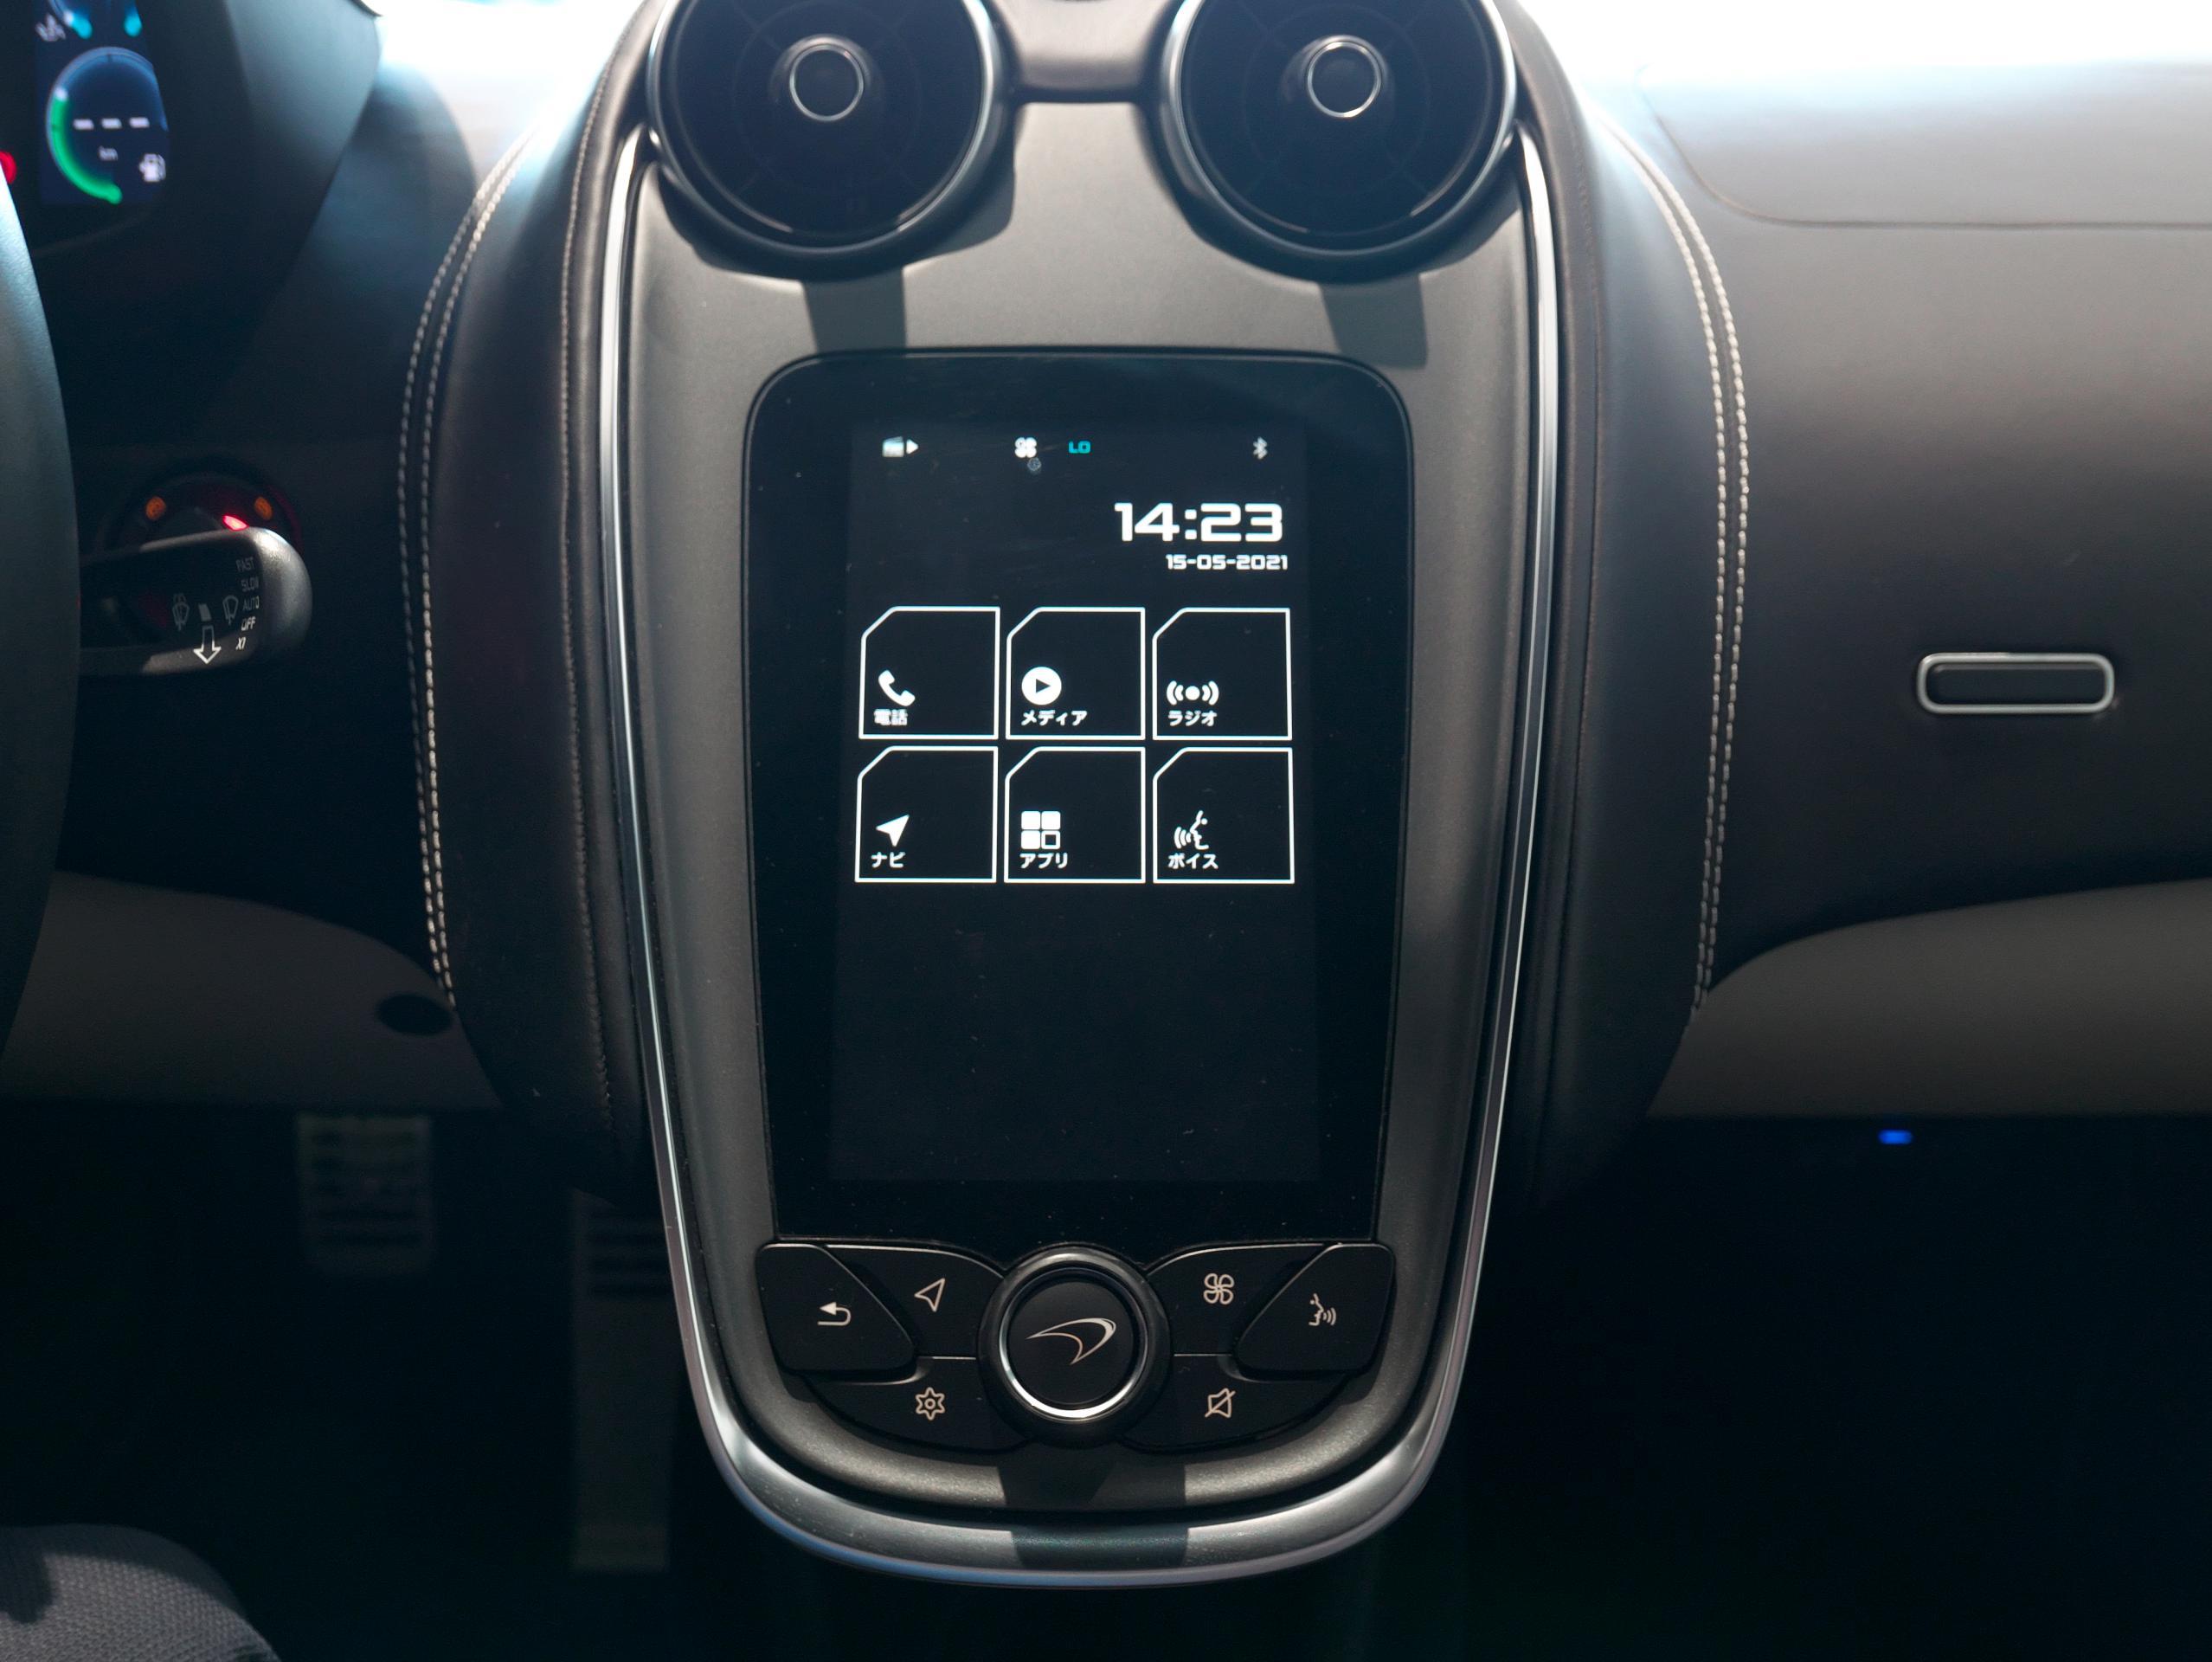 マクラーレン 540C インフォテイメントシステム